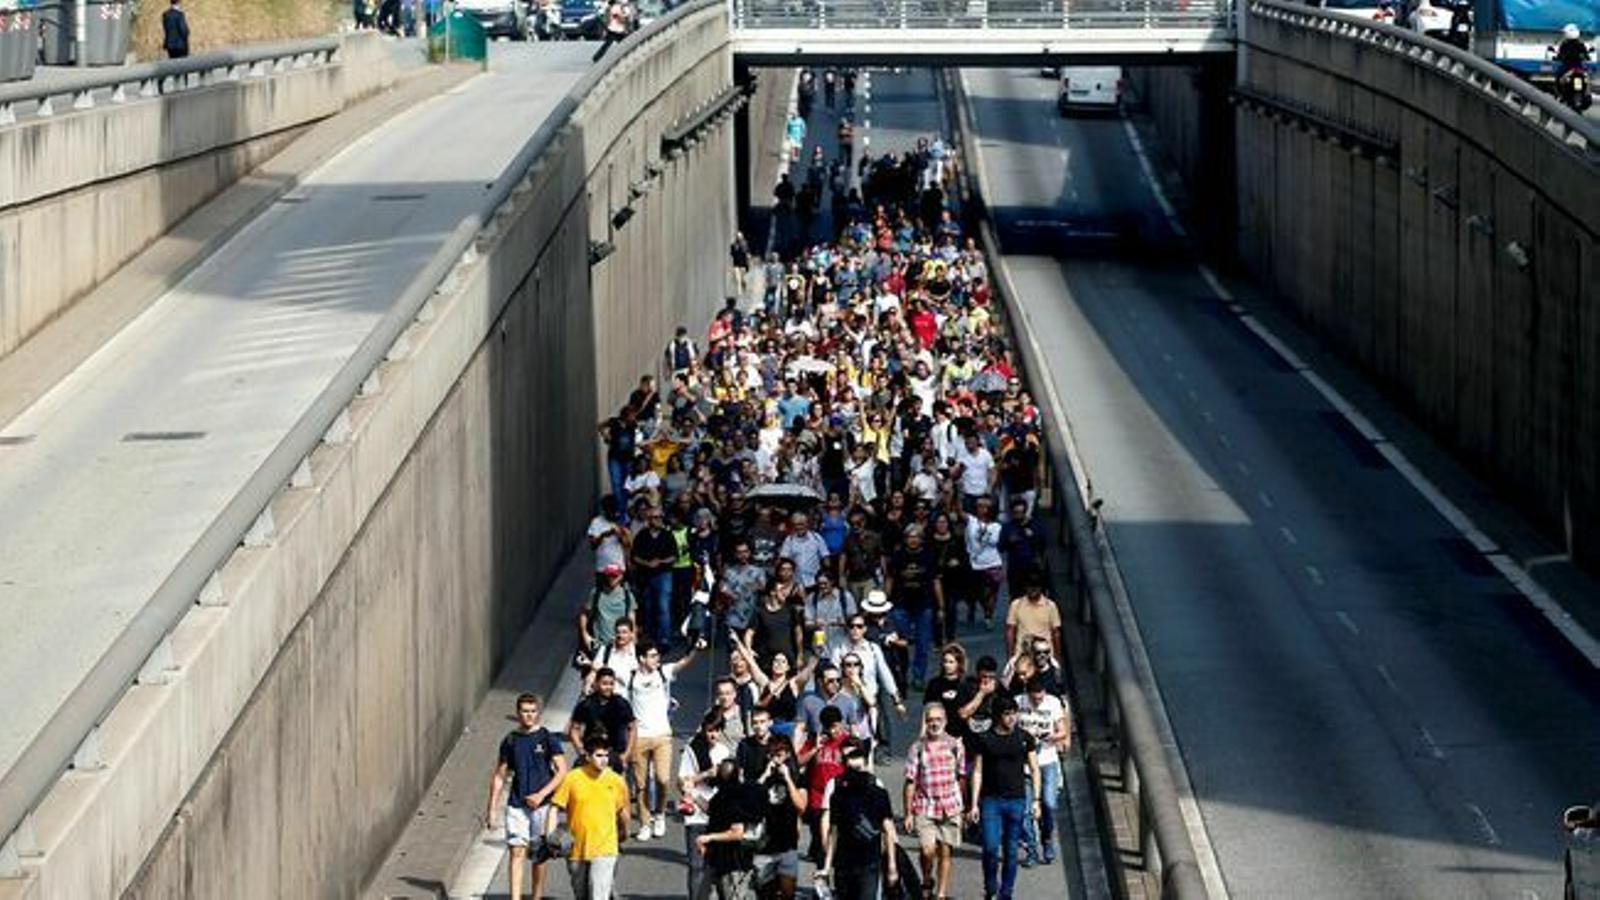 """""""Tothom a l'aeroport"""": la primera acció de Tsunami Democràtic contra la sentència del Procés"""